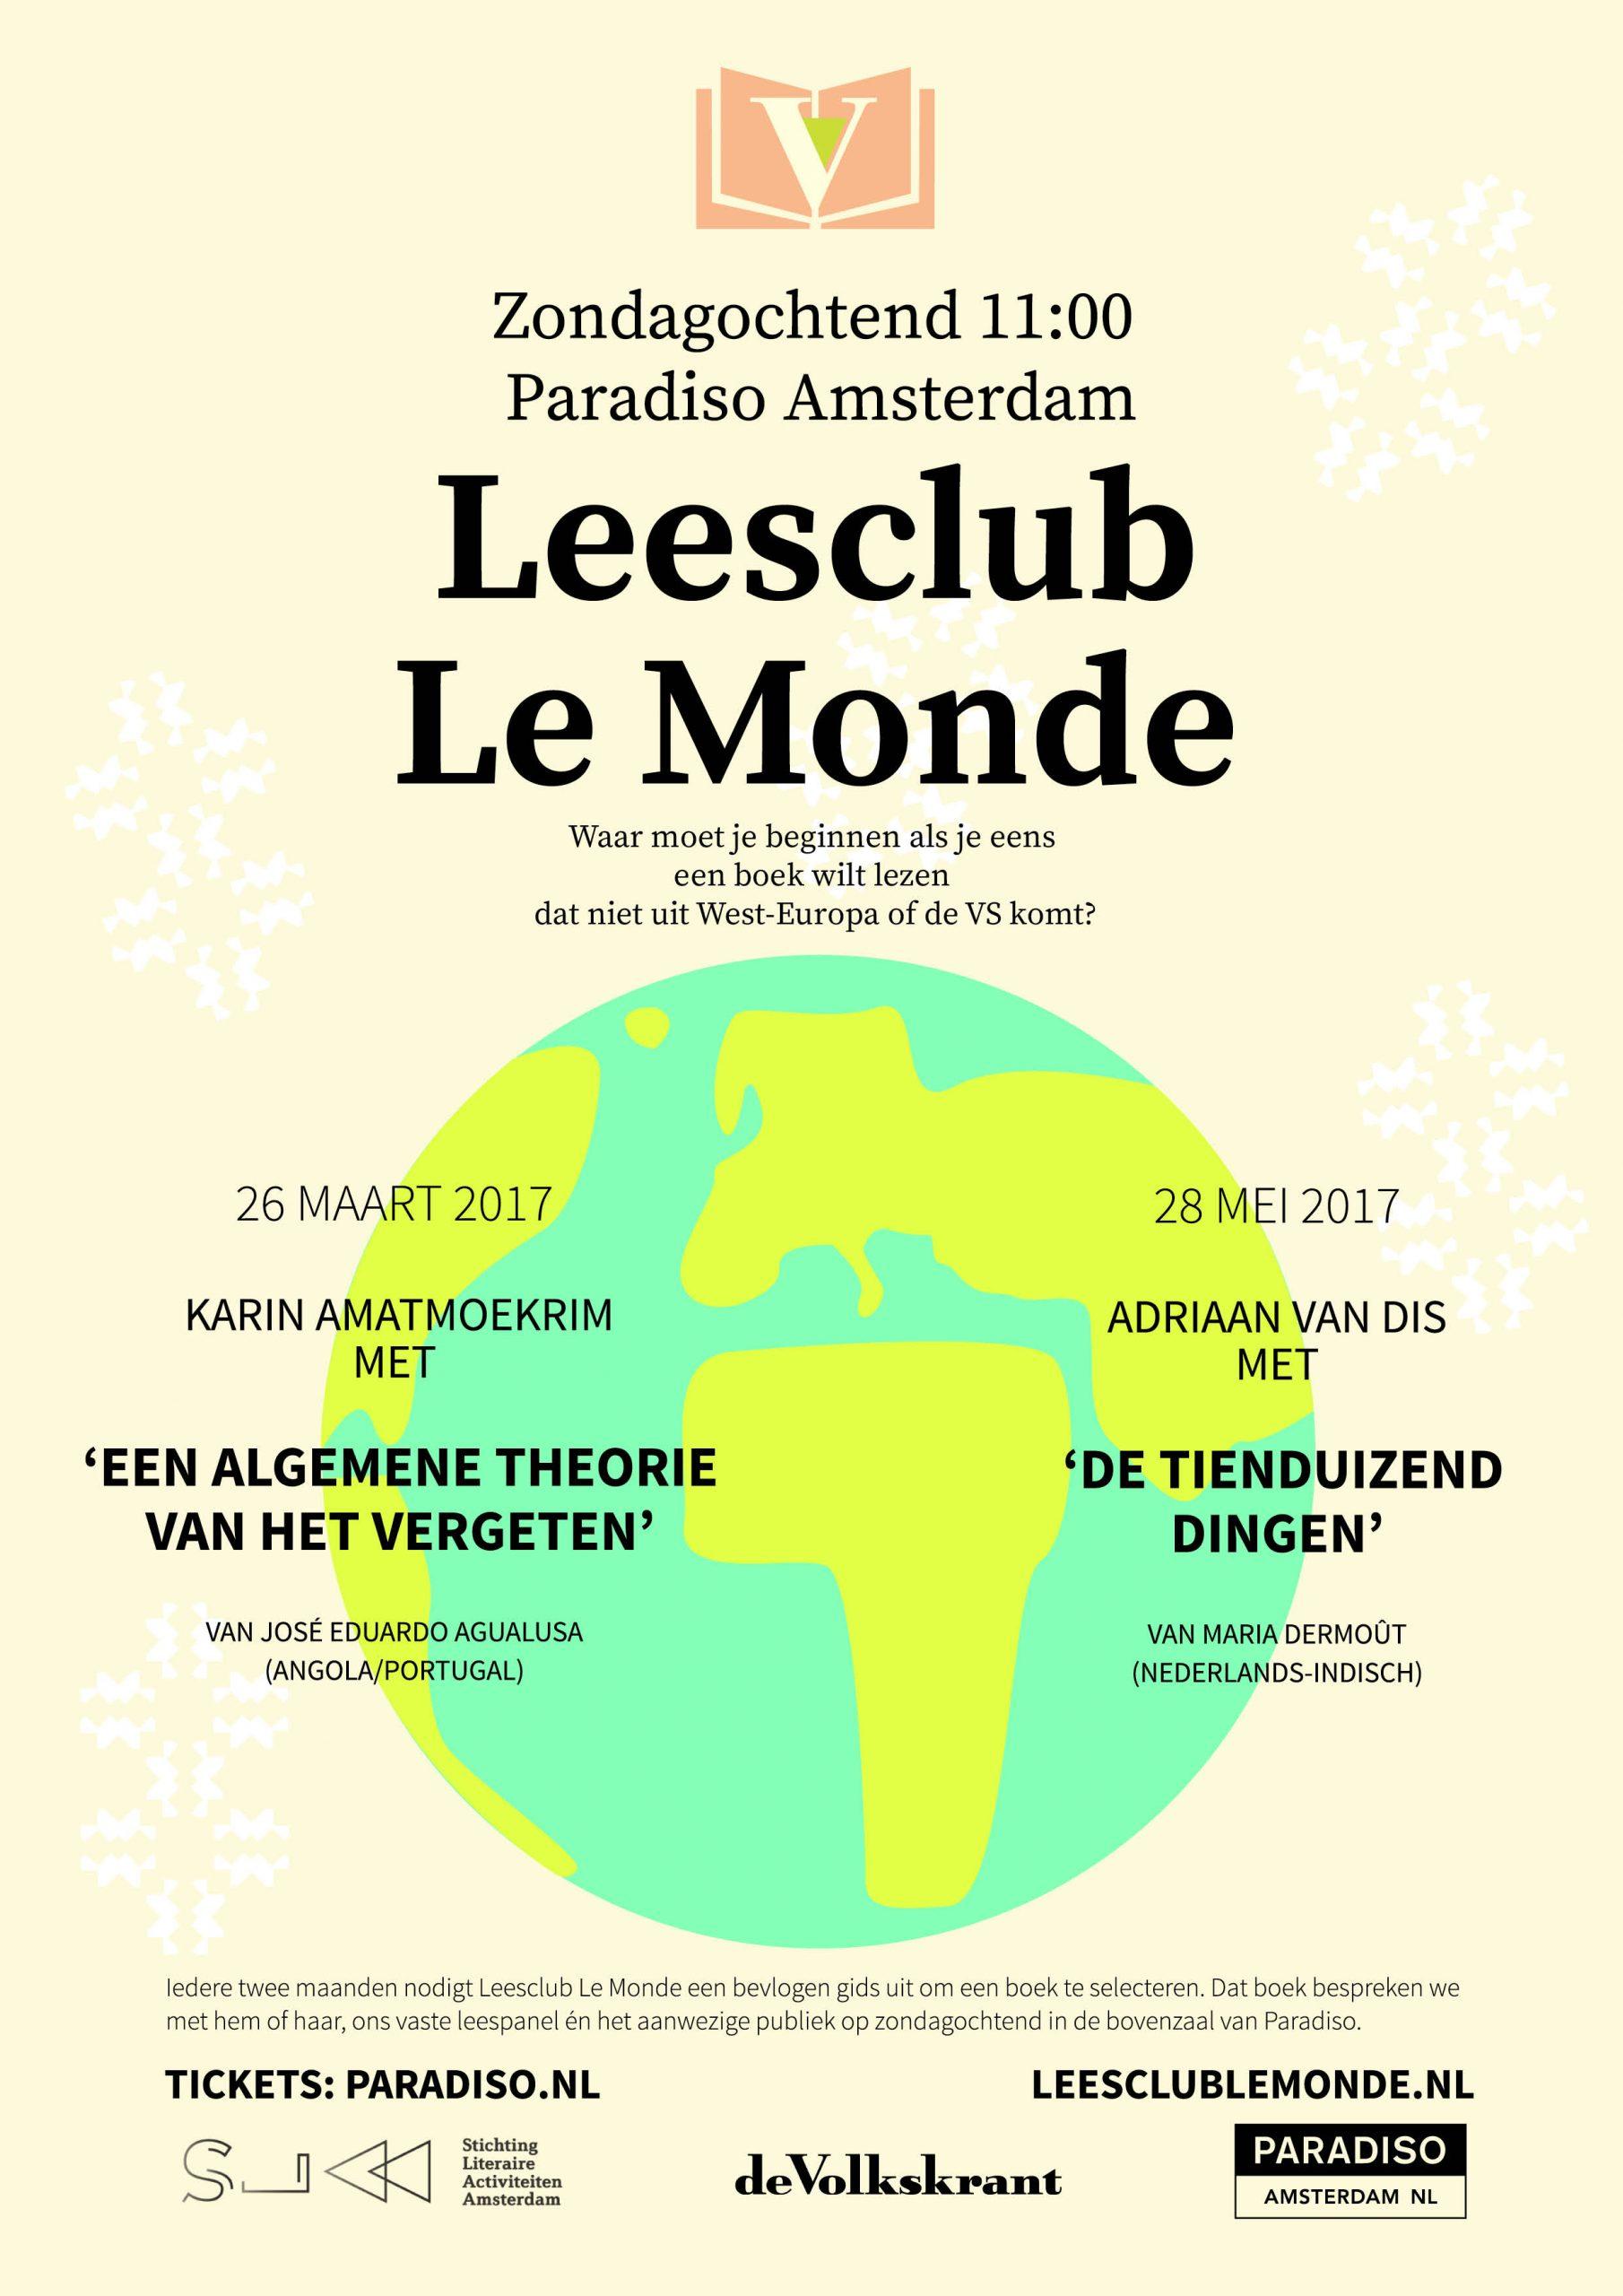 poster voor leesclub le monde